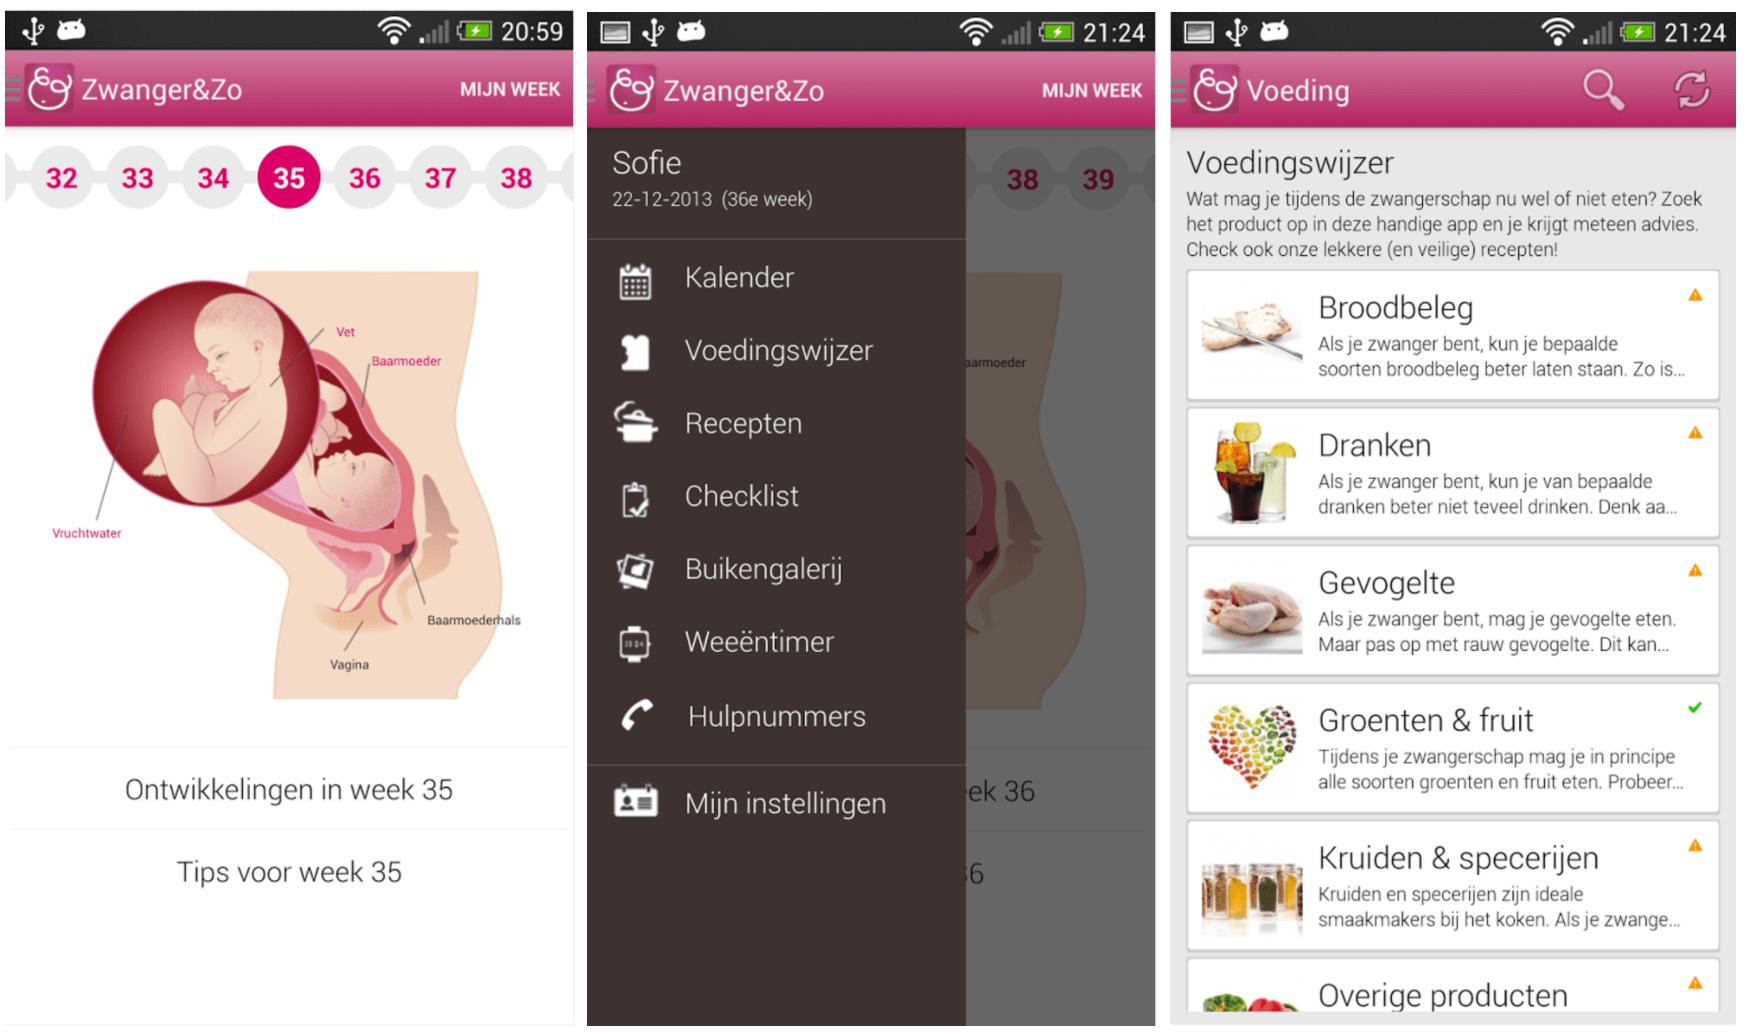 Zwangerschap app Zwanger en Zo